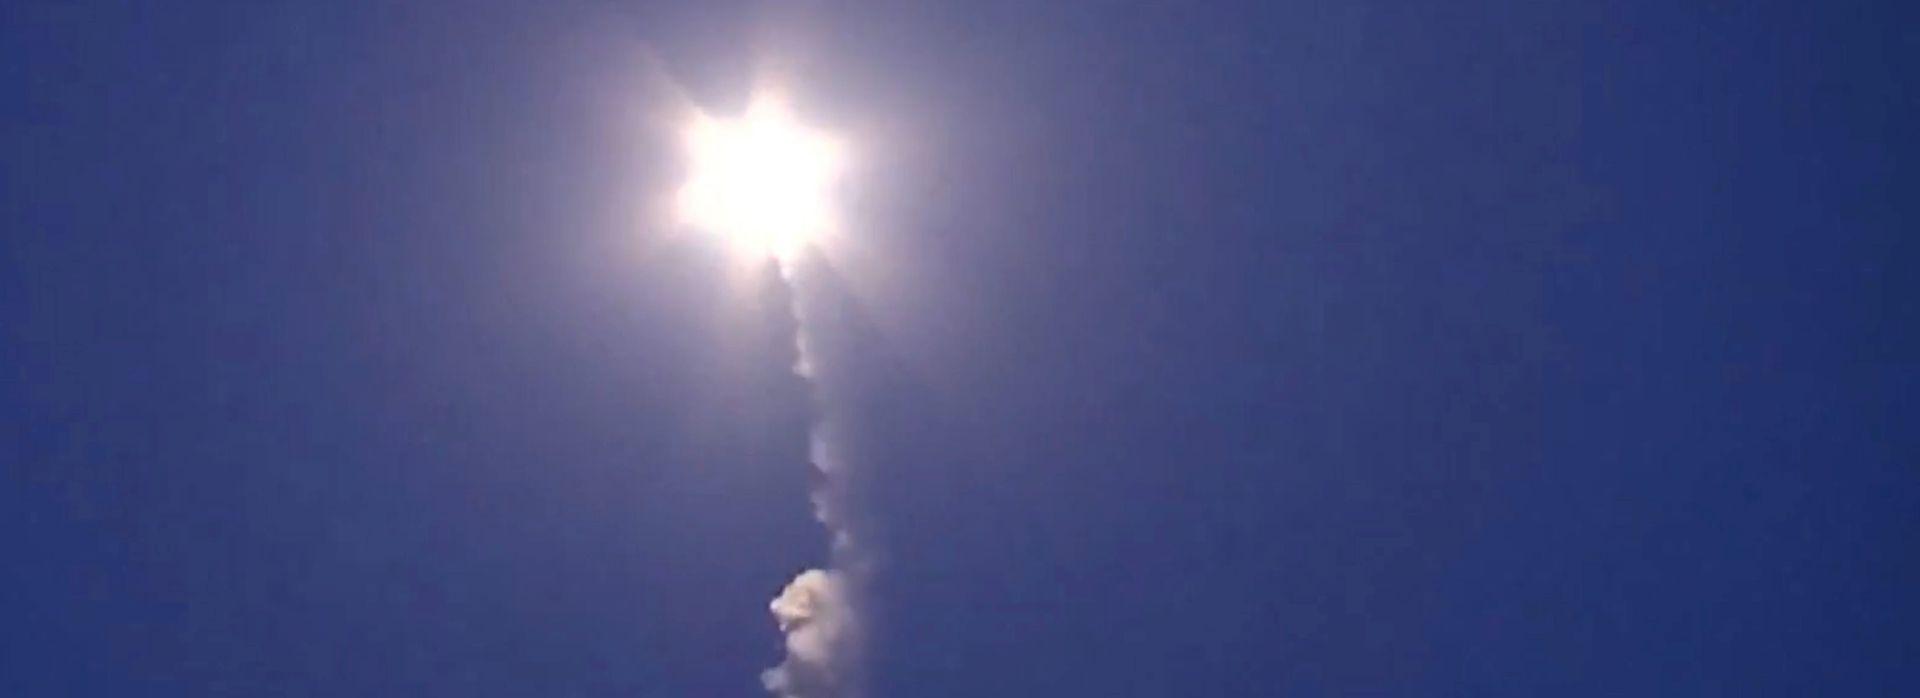 AMERIČKE OPTUŽBE BEZ DOKAZA: Iran nije potvrdio pad ruskih raketa na njegovo tlo